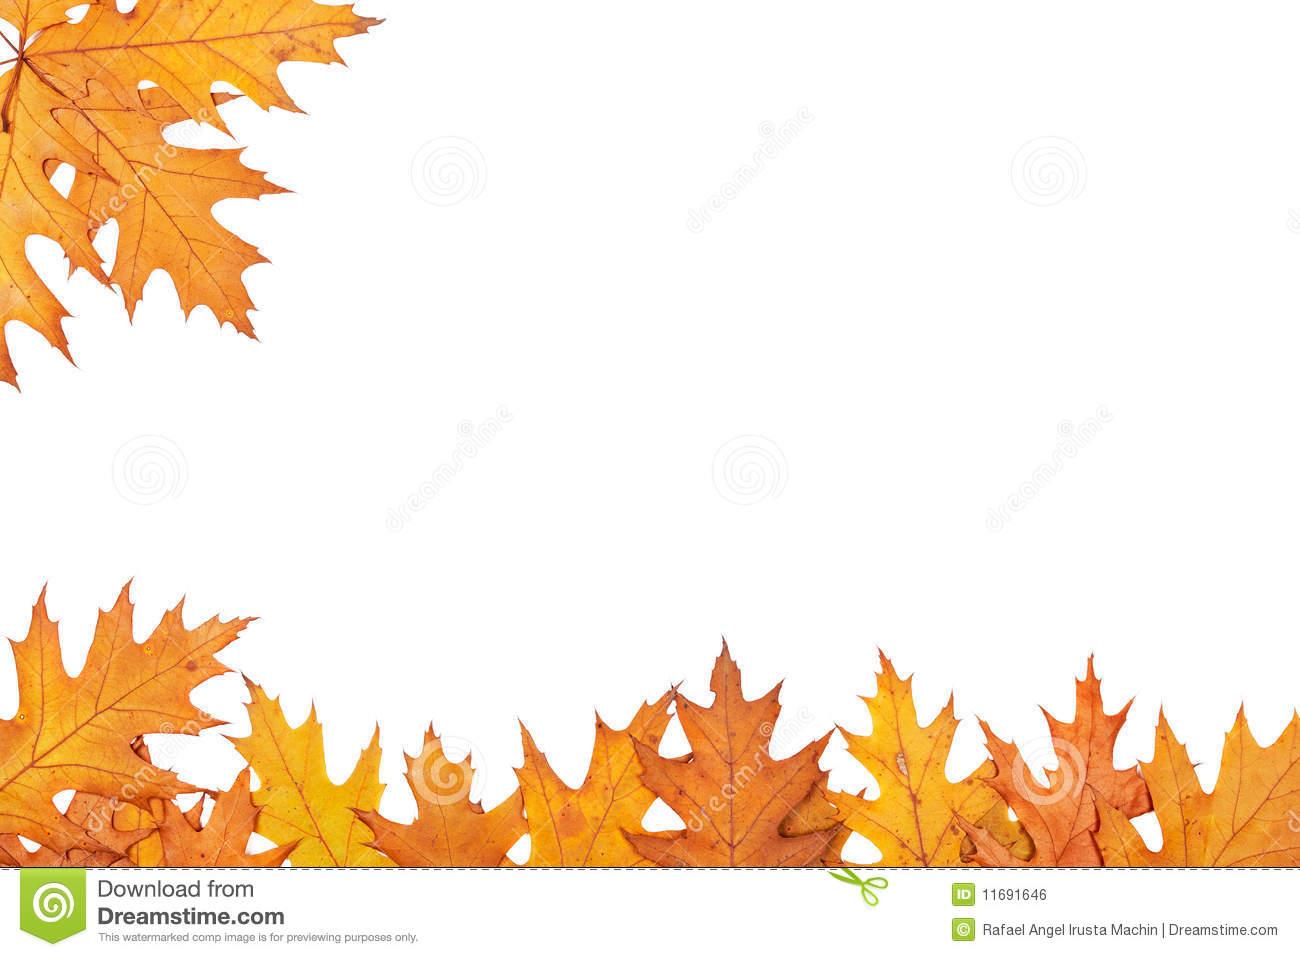 Free Fall Autumn Clip Art ..-Free Fall Autumn Clip Art ..-16